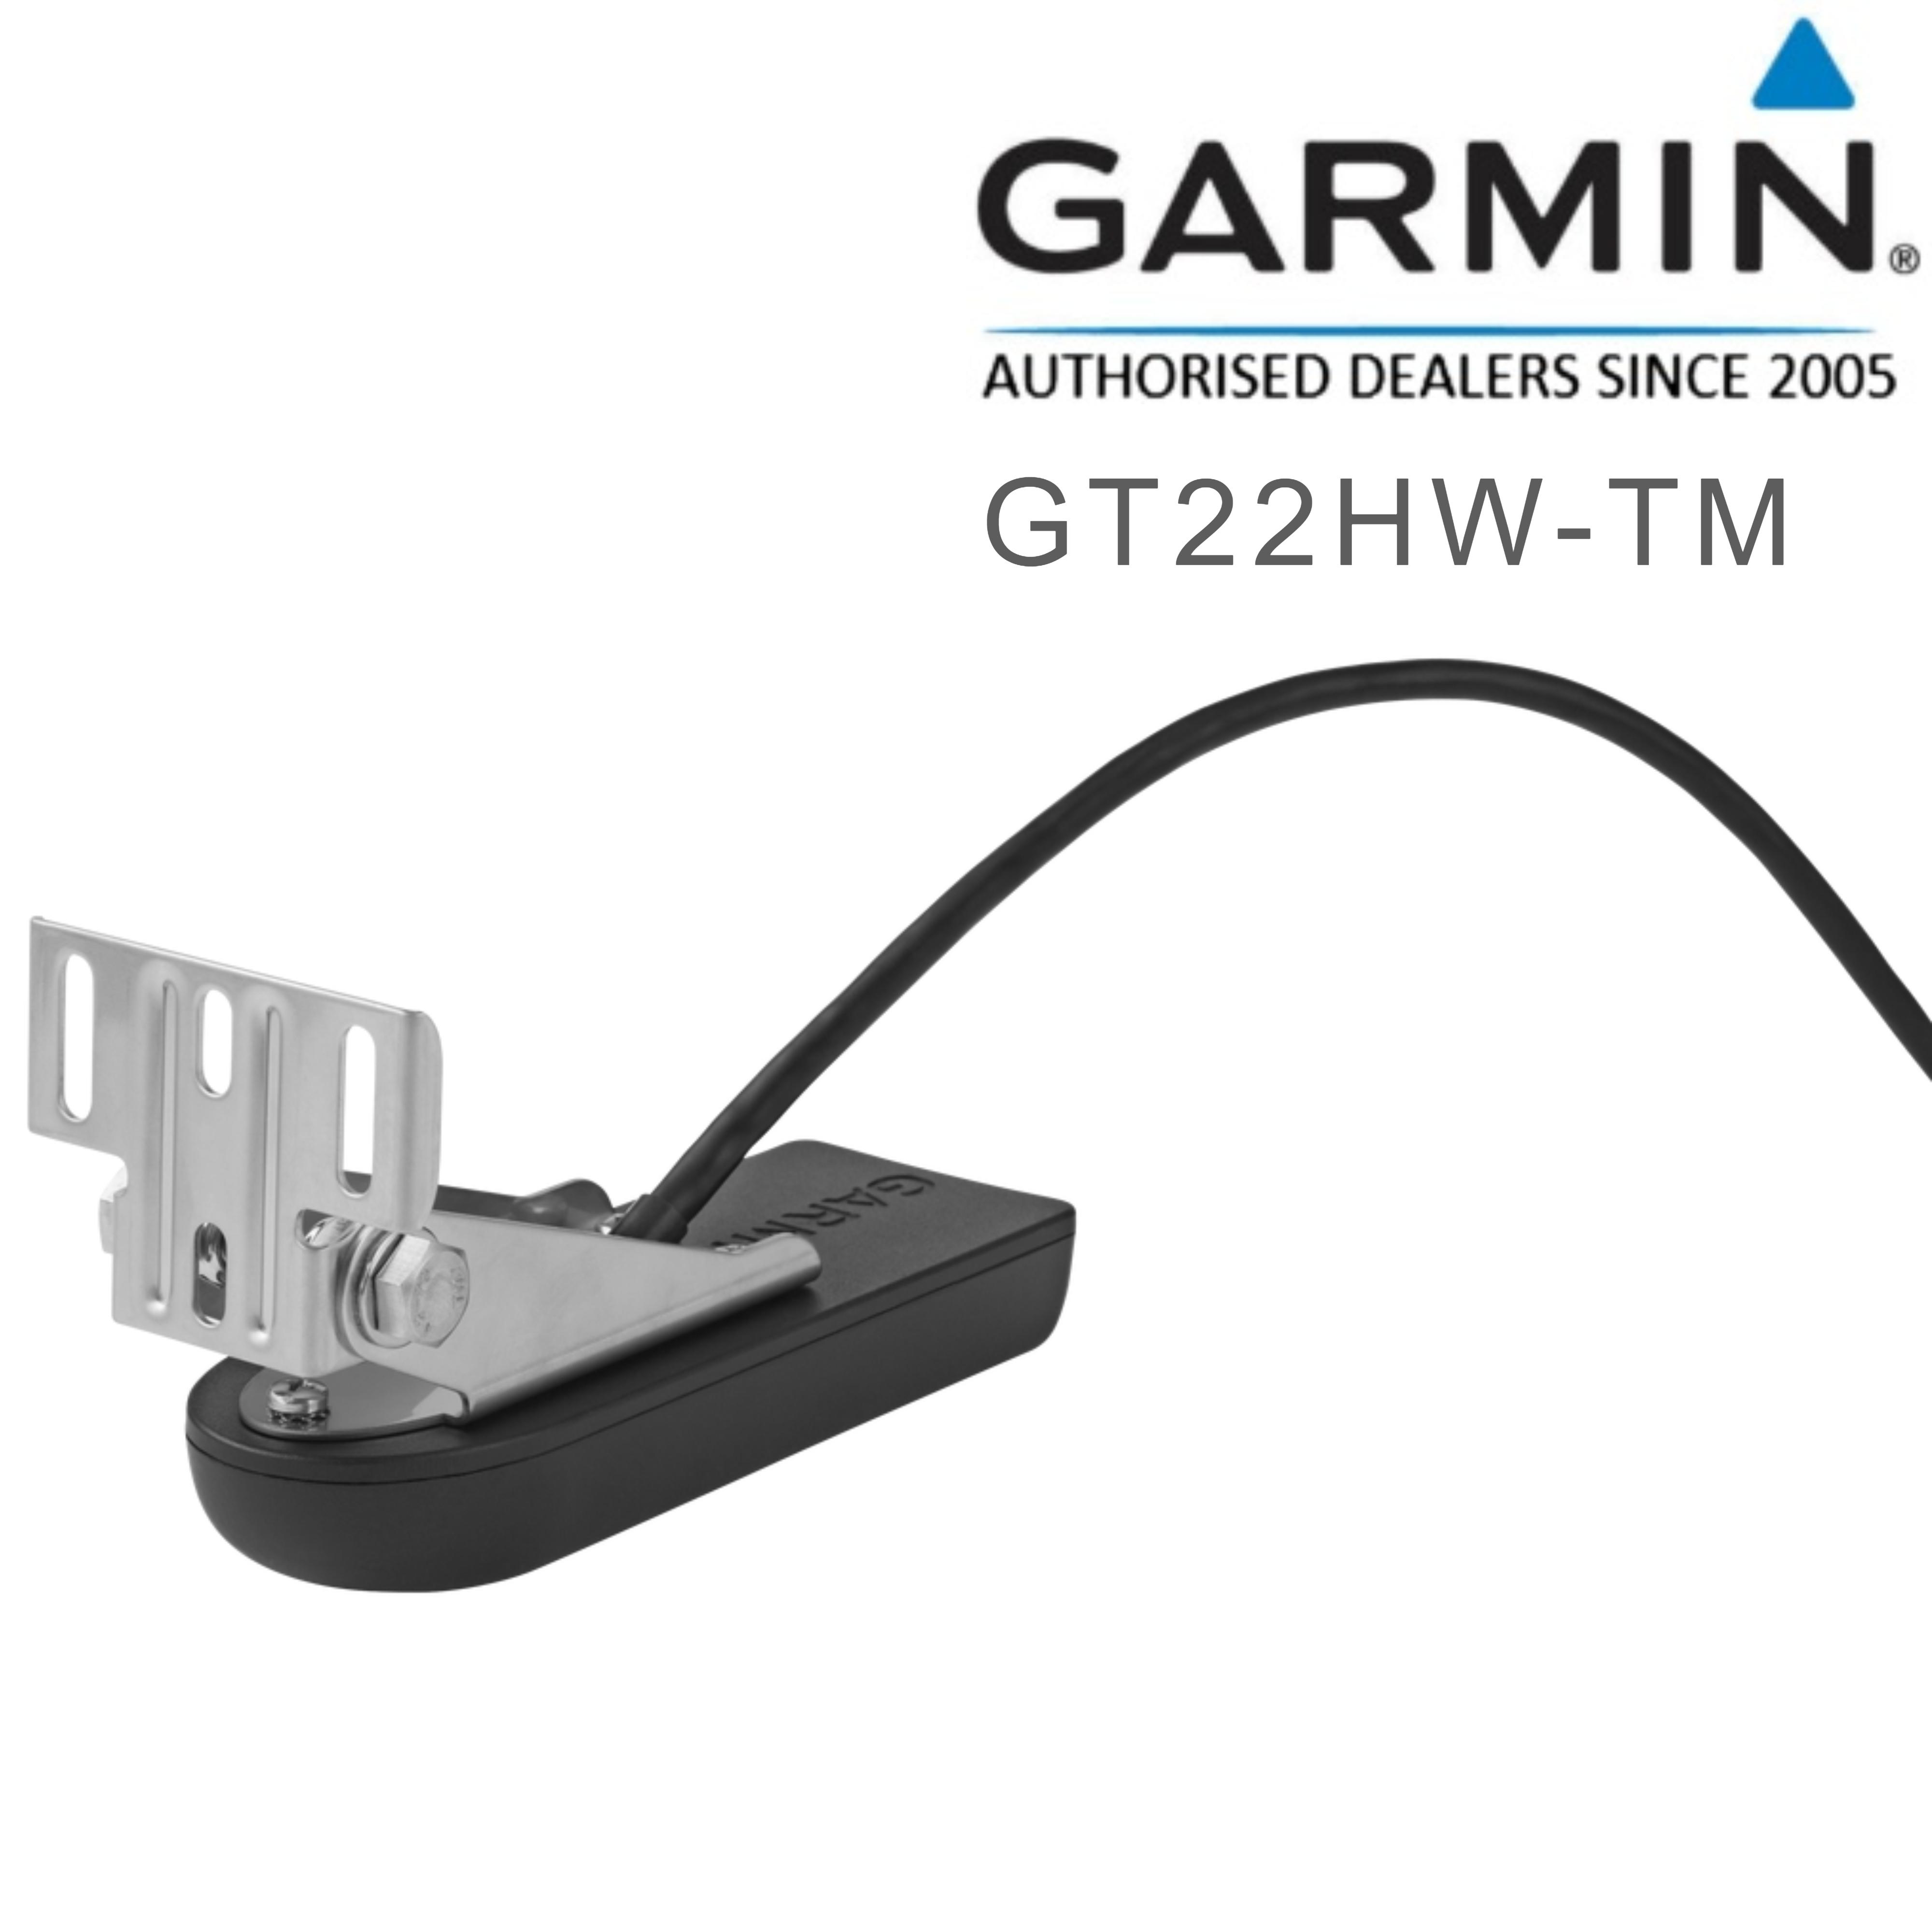 Garmin GT22HW-TM Transom Trolling Plastic Mount Transducer Marine HighDown CHIRP